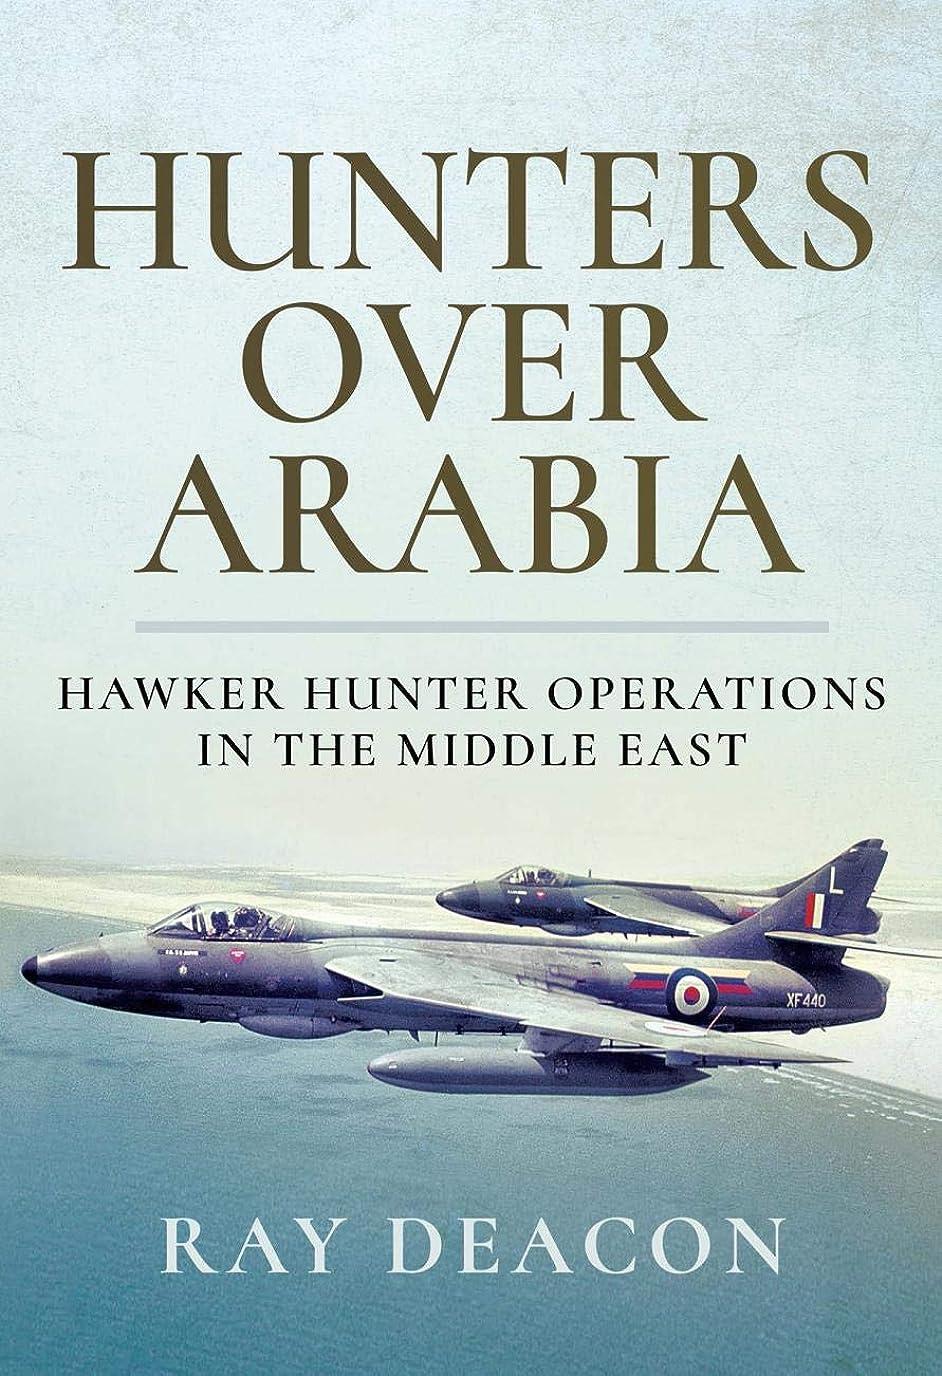 わずかな泥領事館Hunters over Arabia: Hawker Hunter Operations in the Middle East (English Edition)